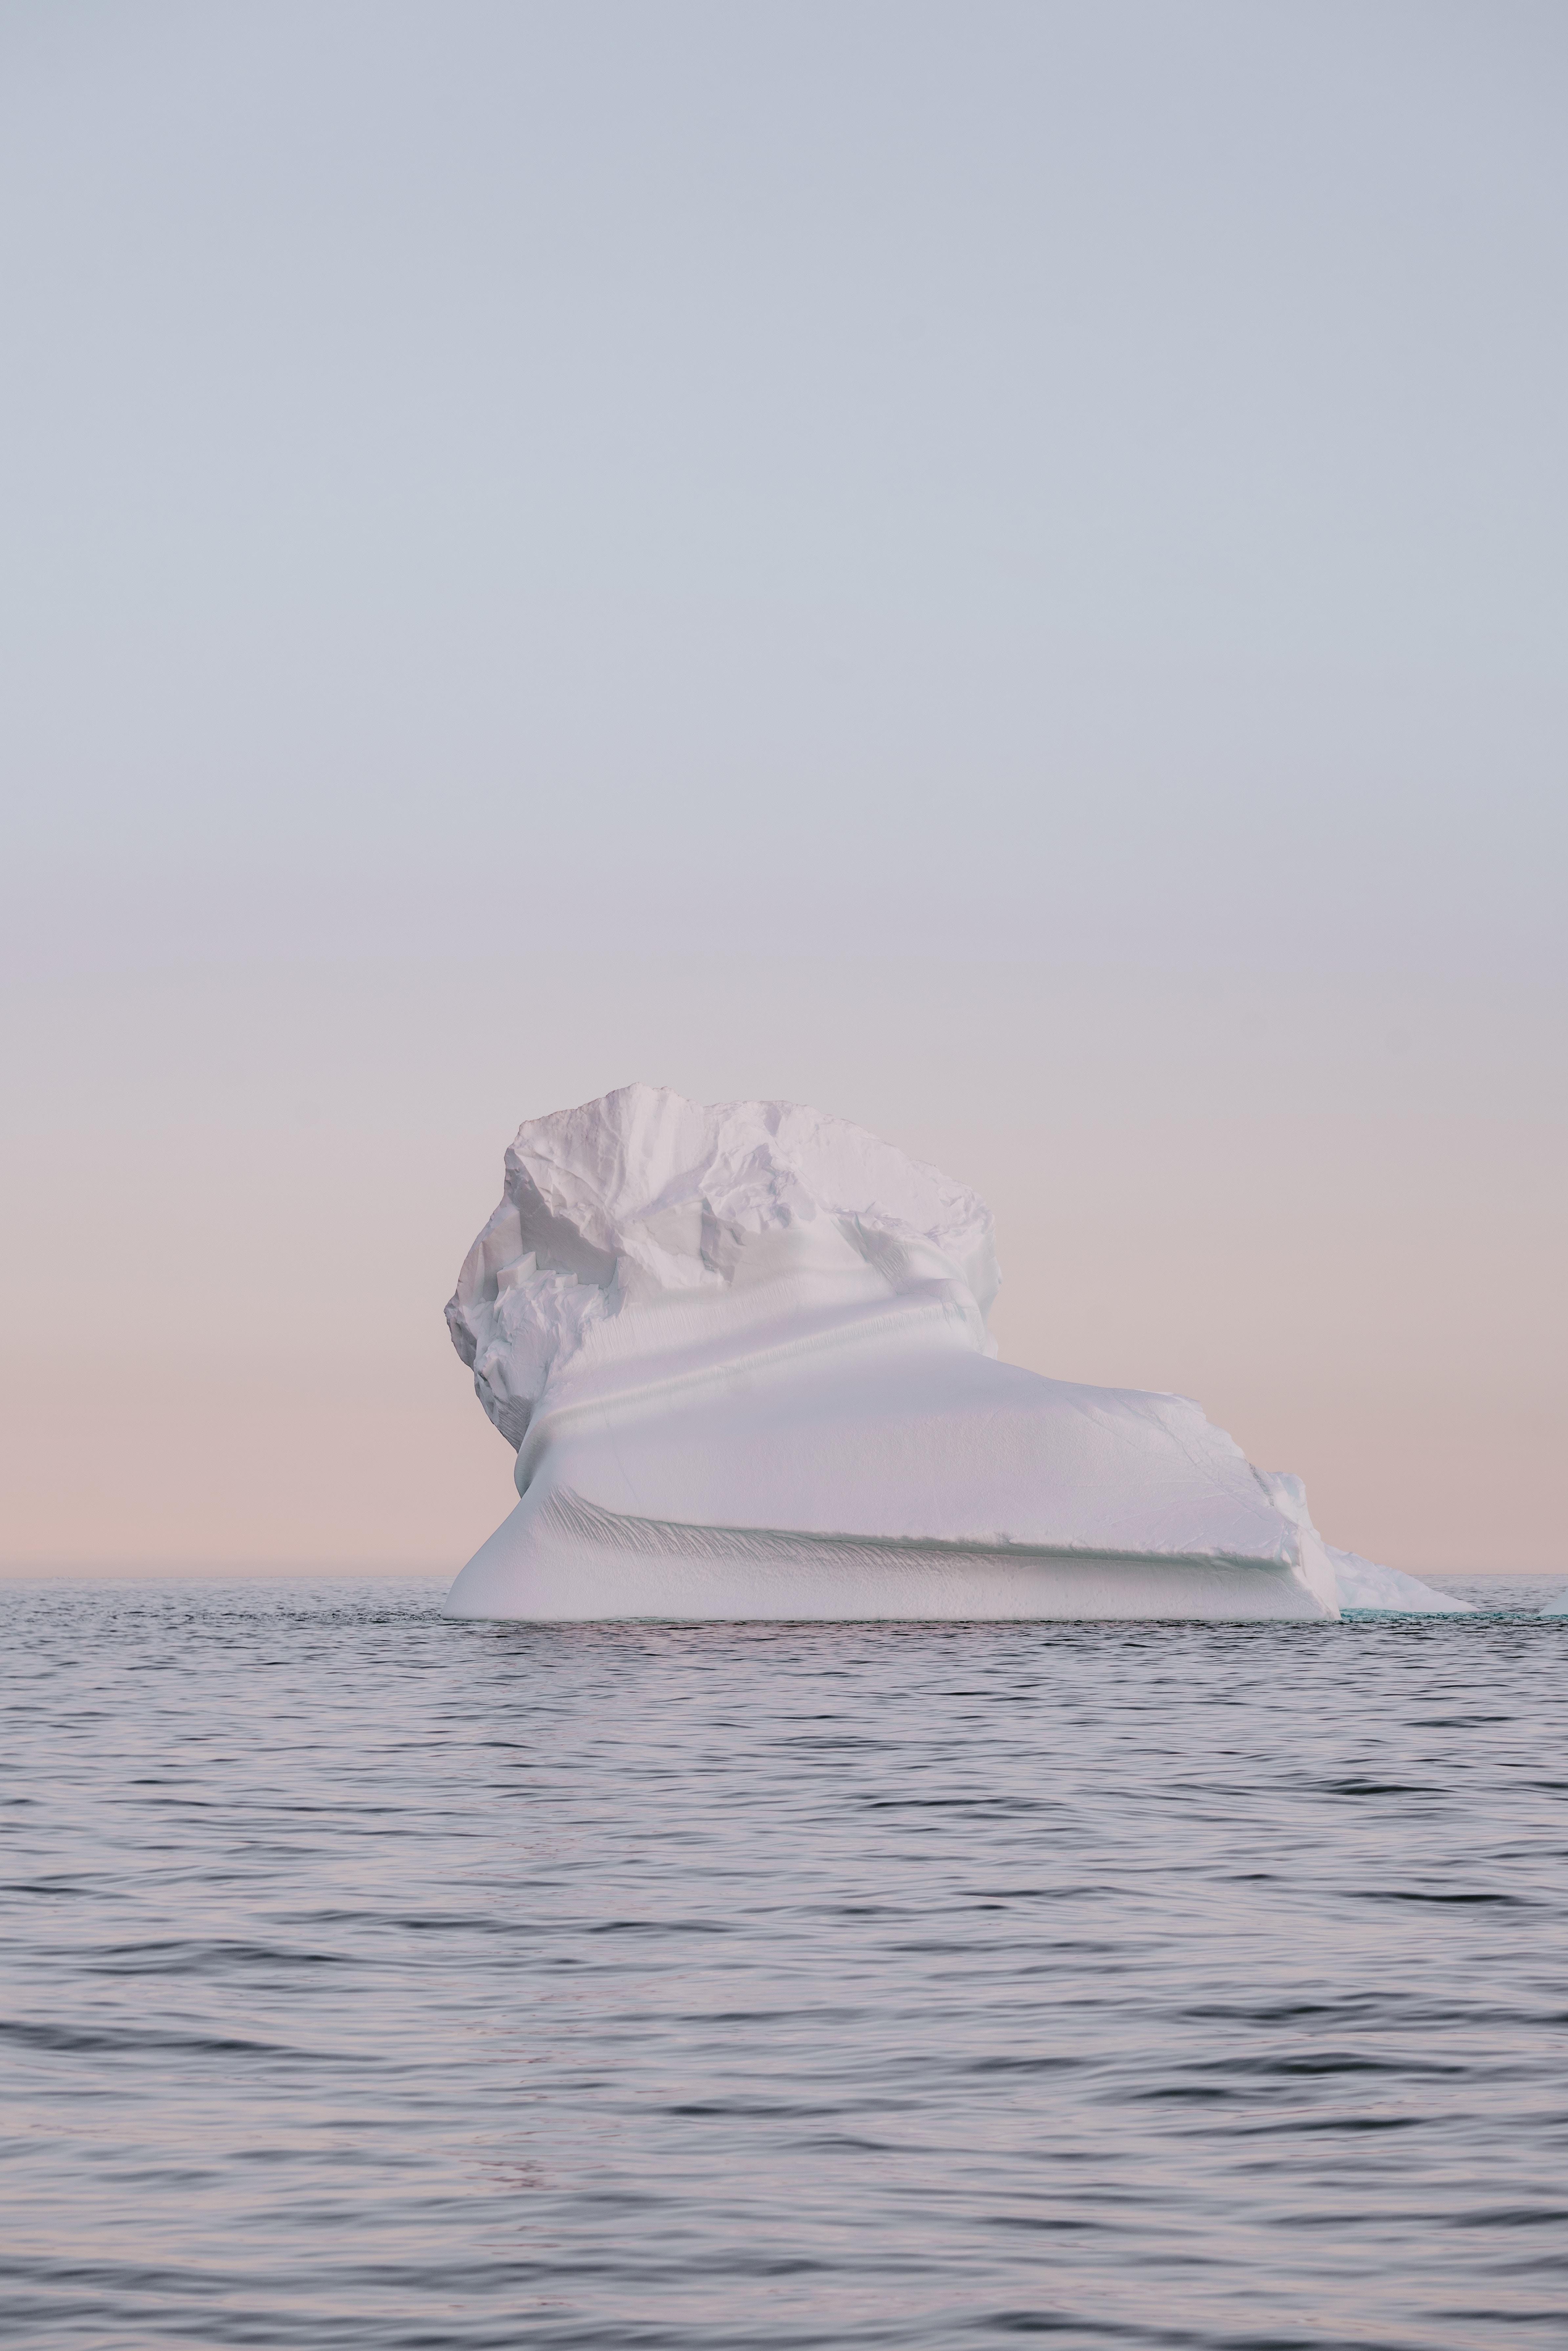 135257 fond d'écran 480x800 sur votre téléphone gratuitement, téléchargez des images Nature, Crépuscule, Neige, Arctique, Iceberg 480x800 sur votre mobile